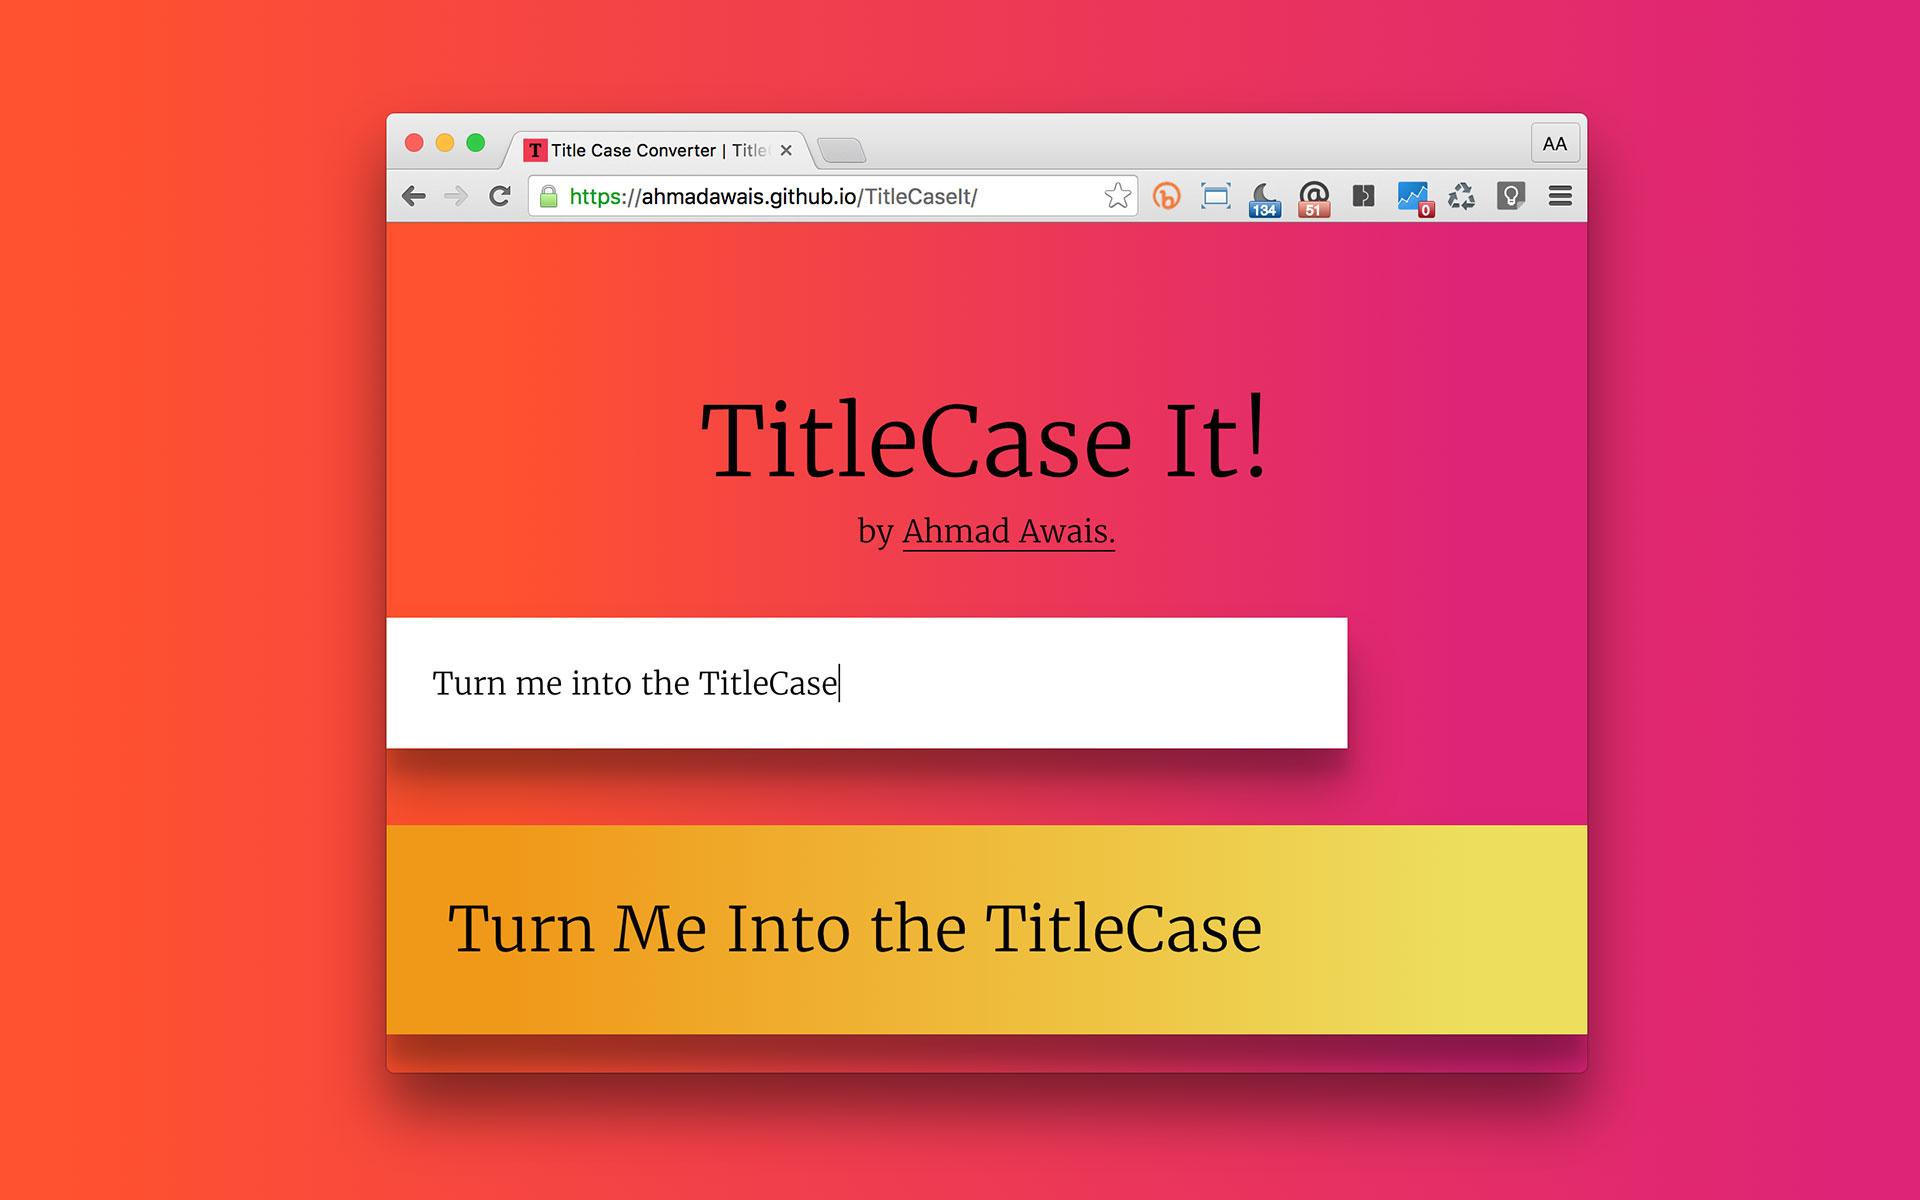 TitleCaseIt Live